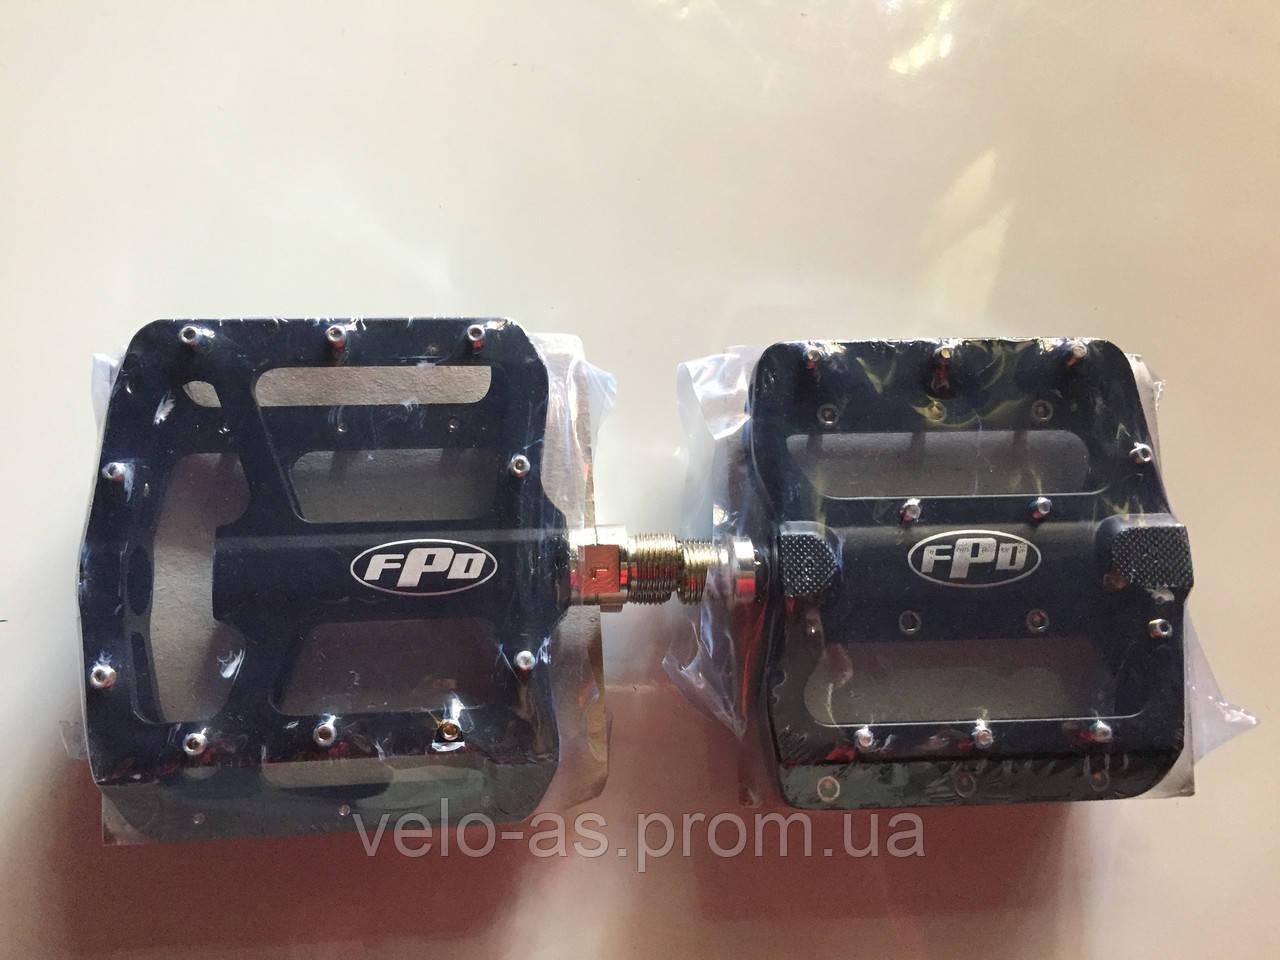 Педаль алюминевая FPD  на проме MTB черная закрытая